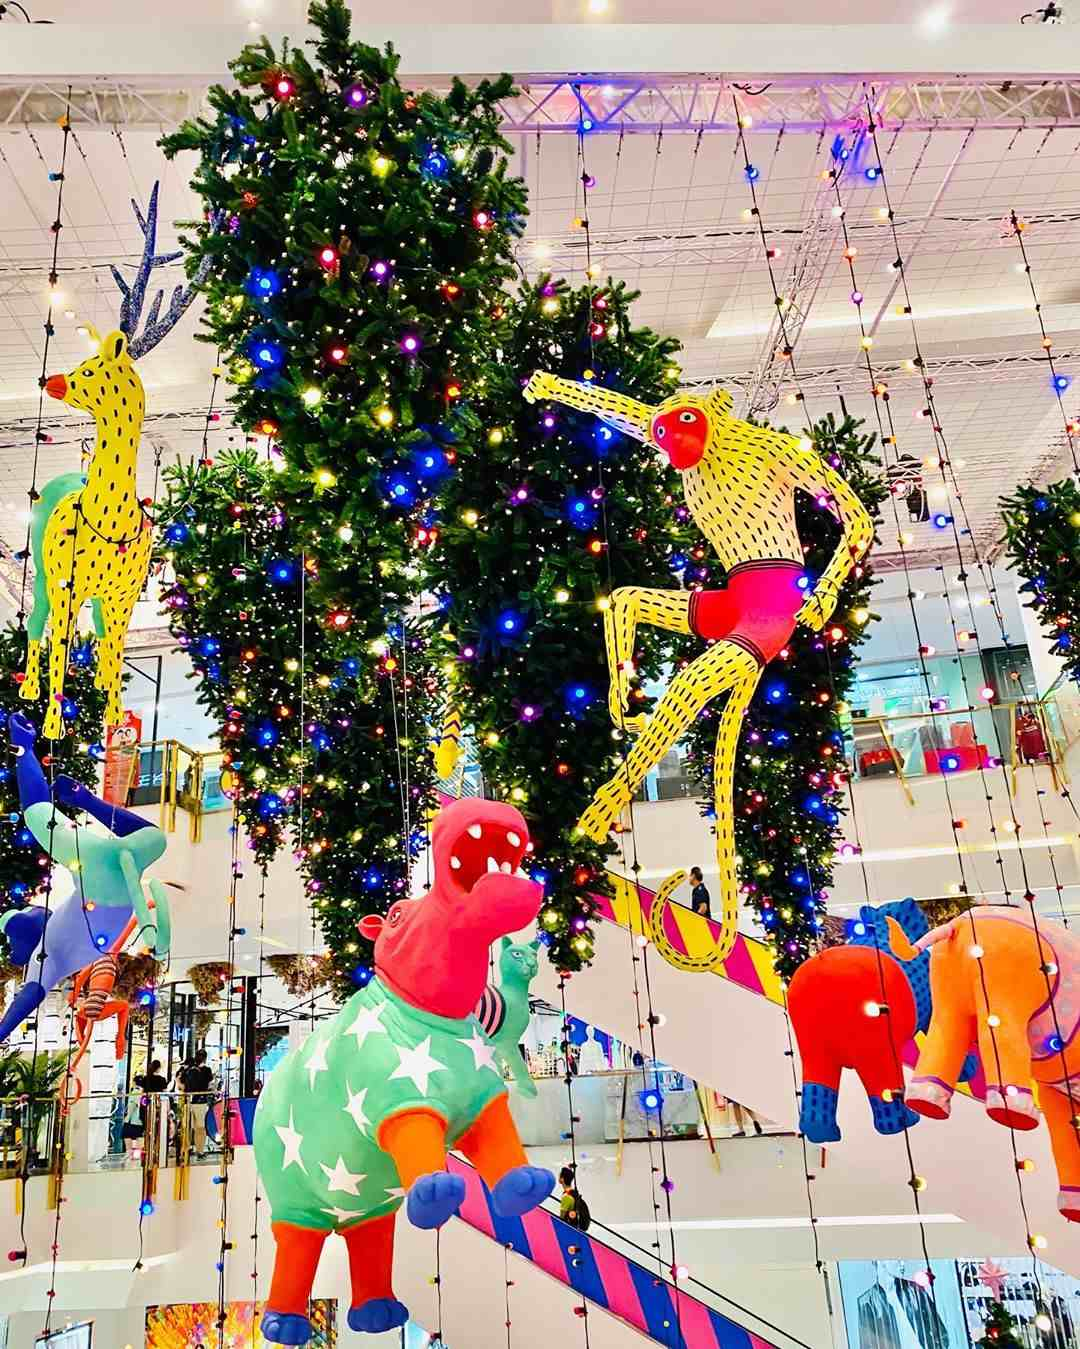 Christmas at Emporium EmQuartier with all the weird animals